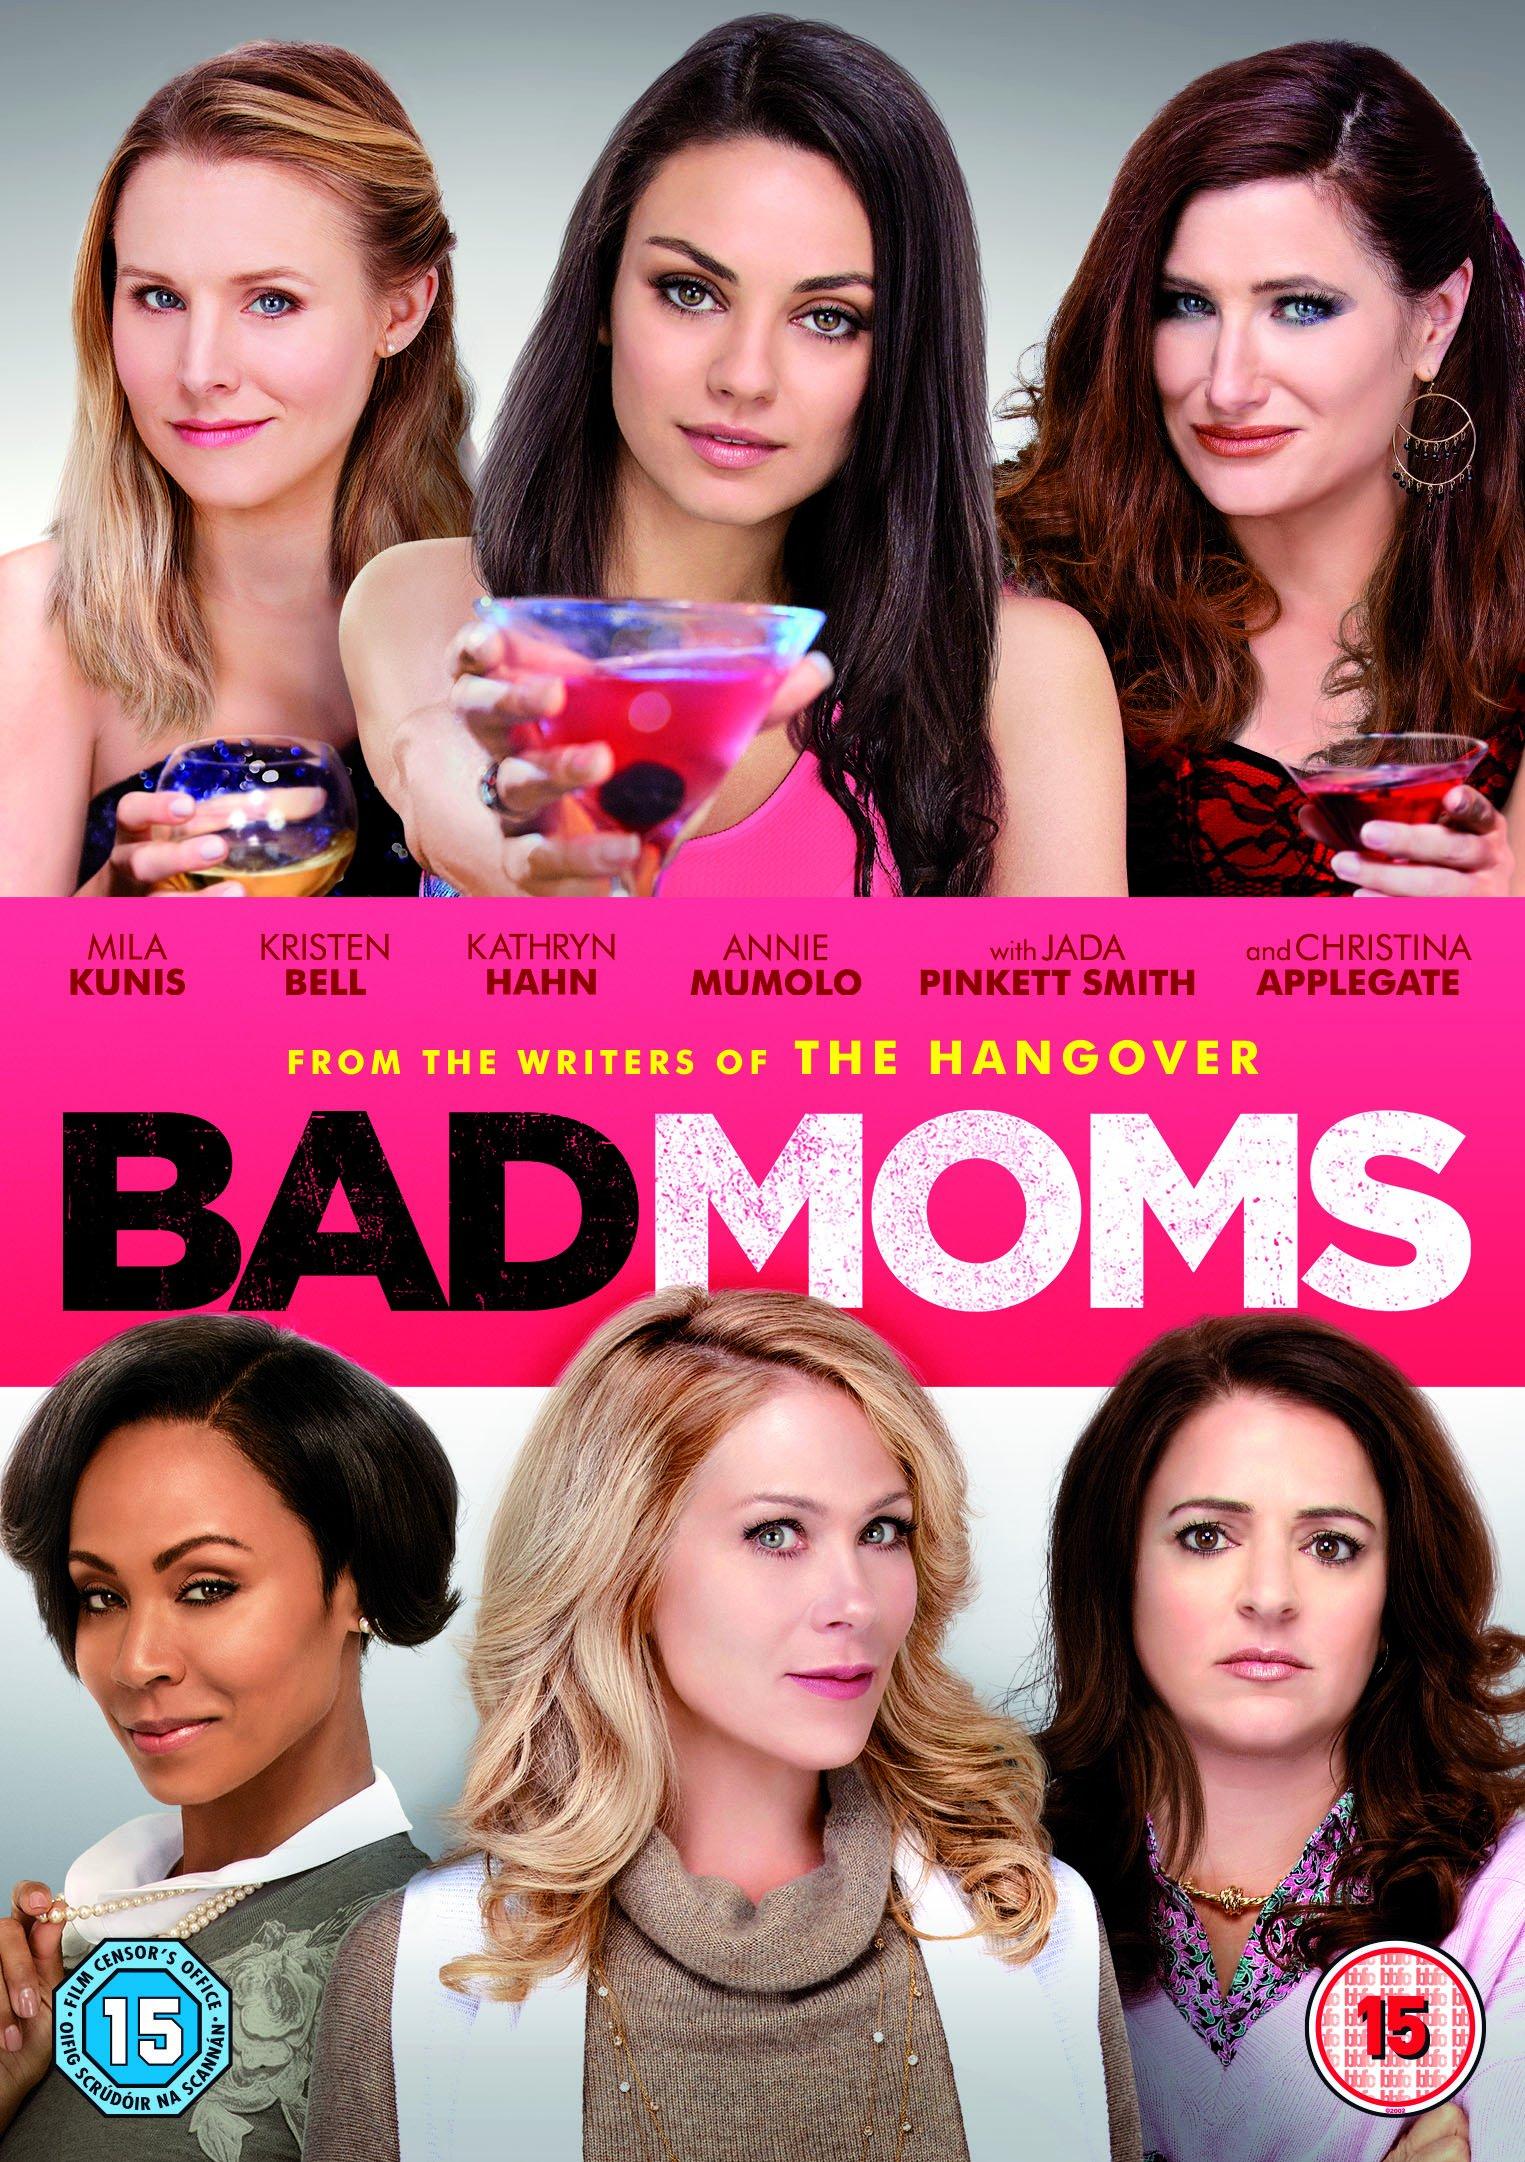 BAD MOMS (15) – 2016